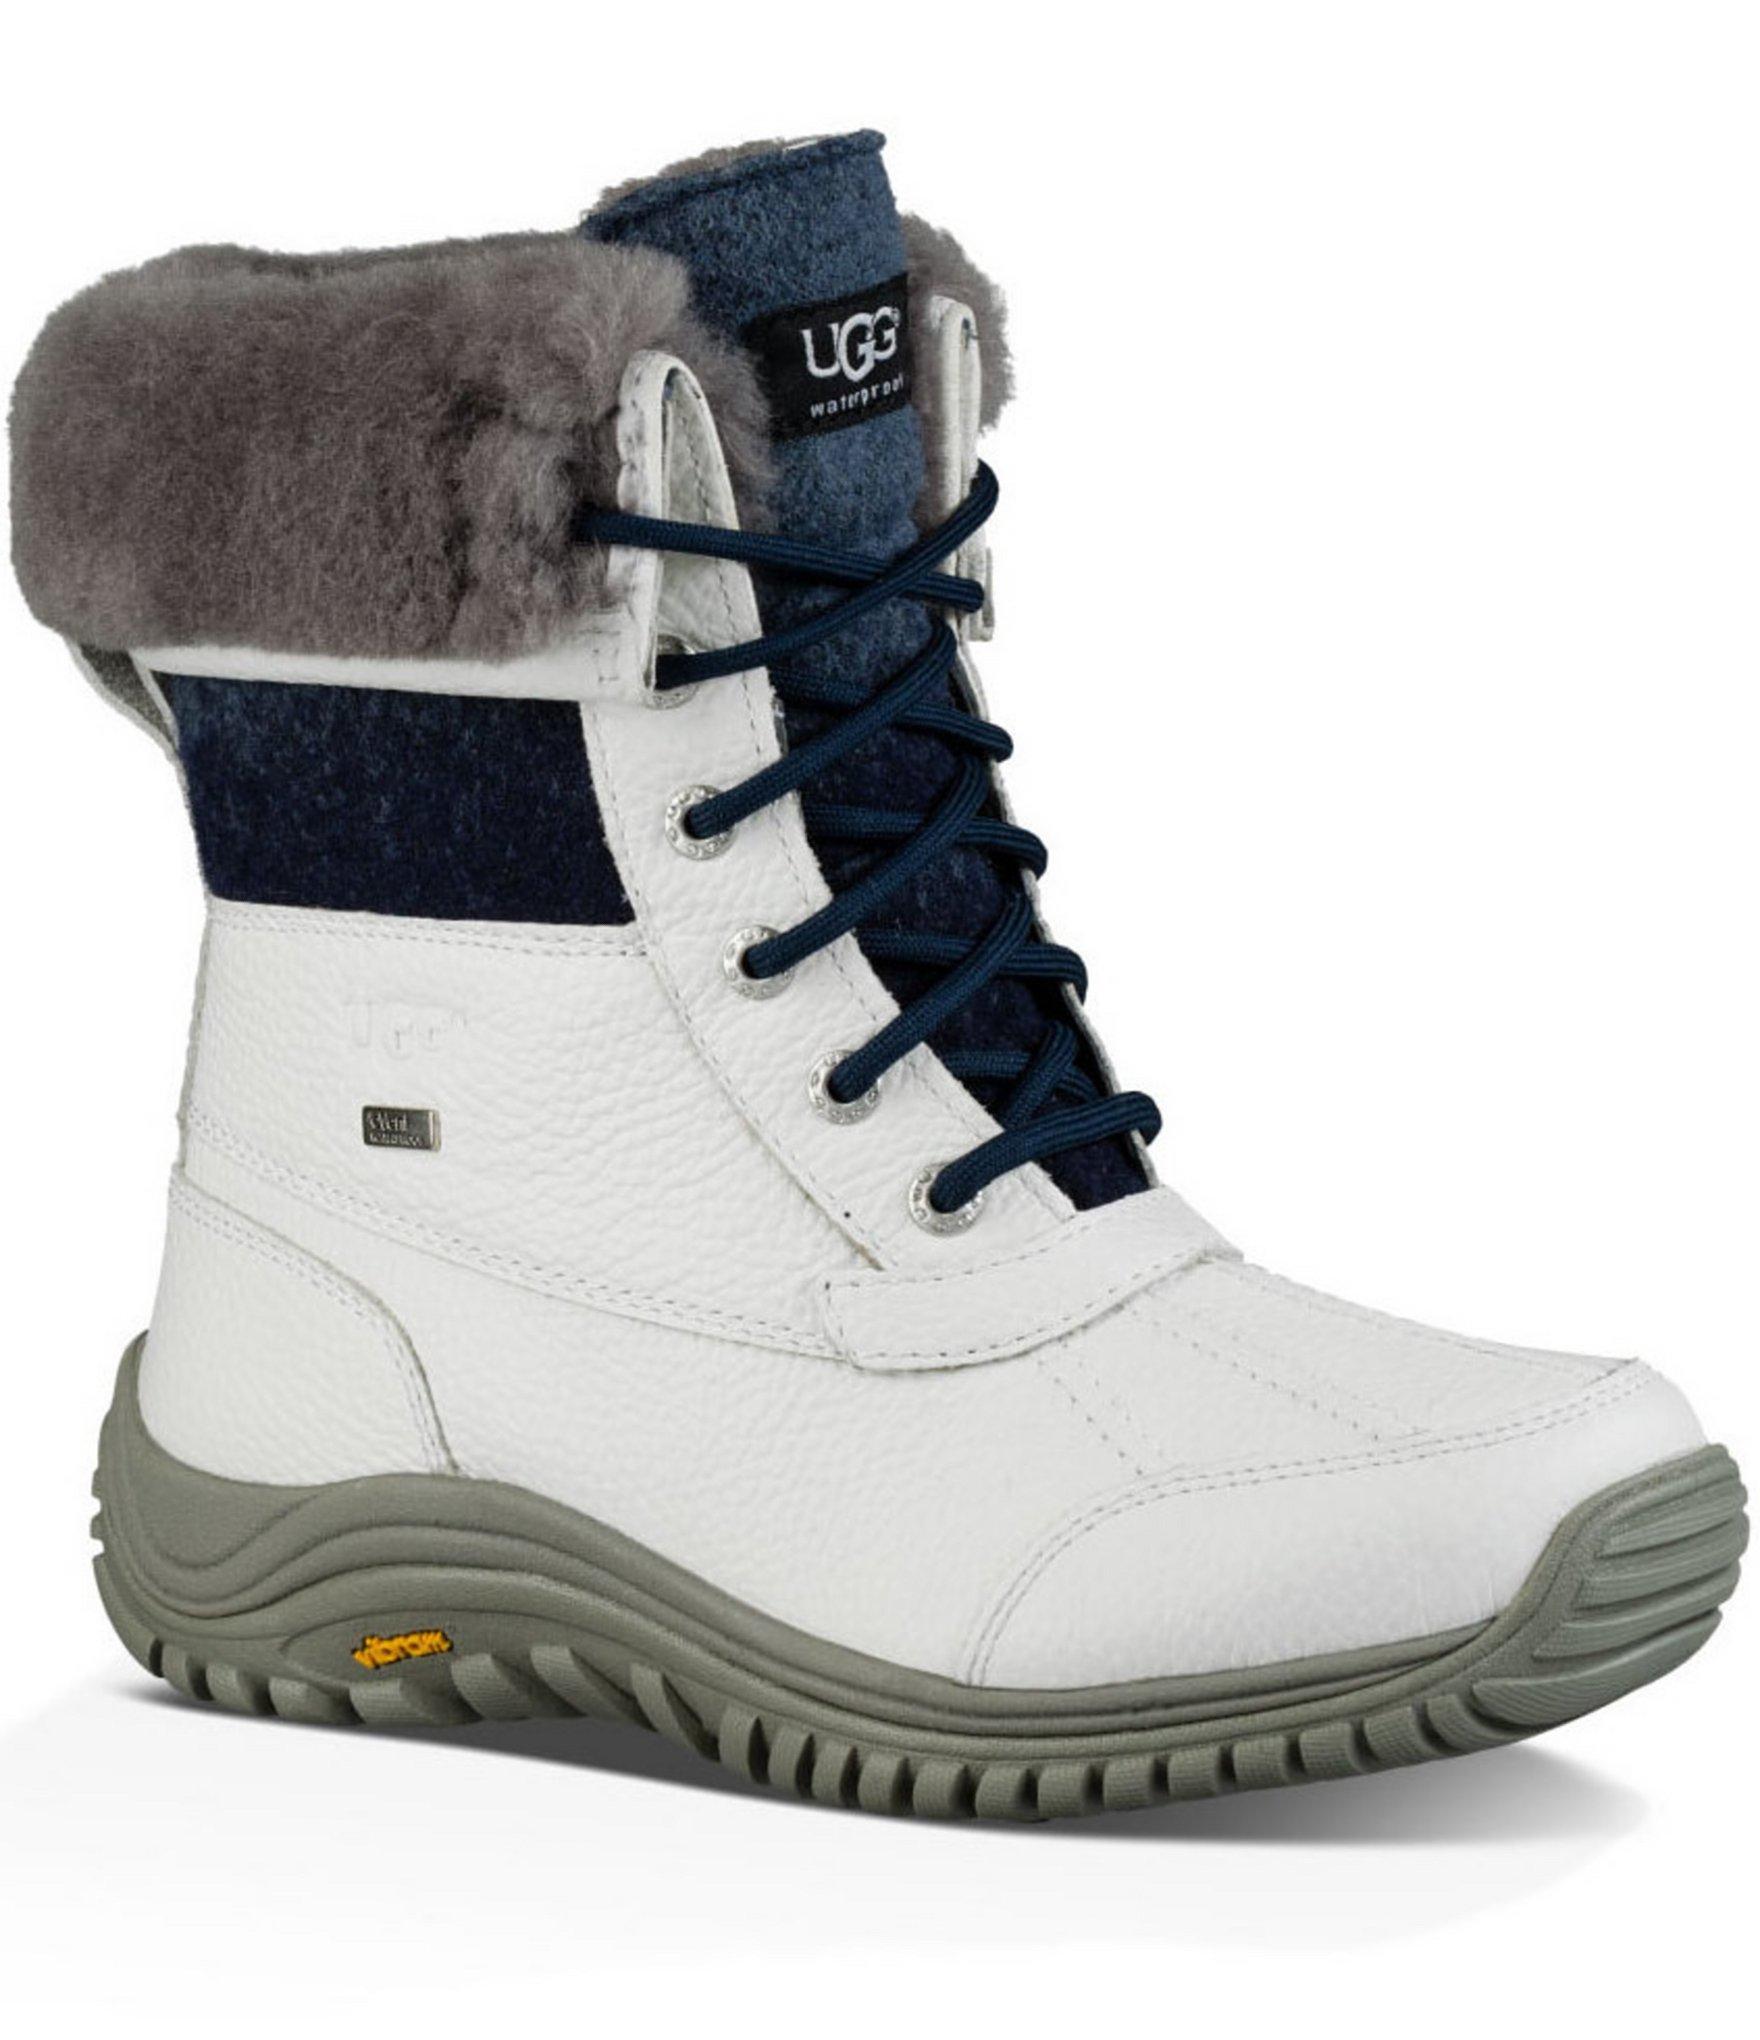 1e7a4450f53 UGG White ® Adirondack Ii Cold-weather Wool Cuff Lace Up Boots